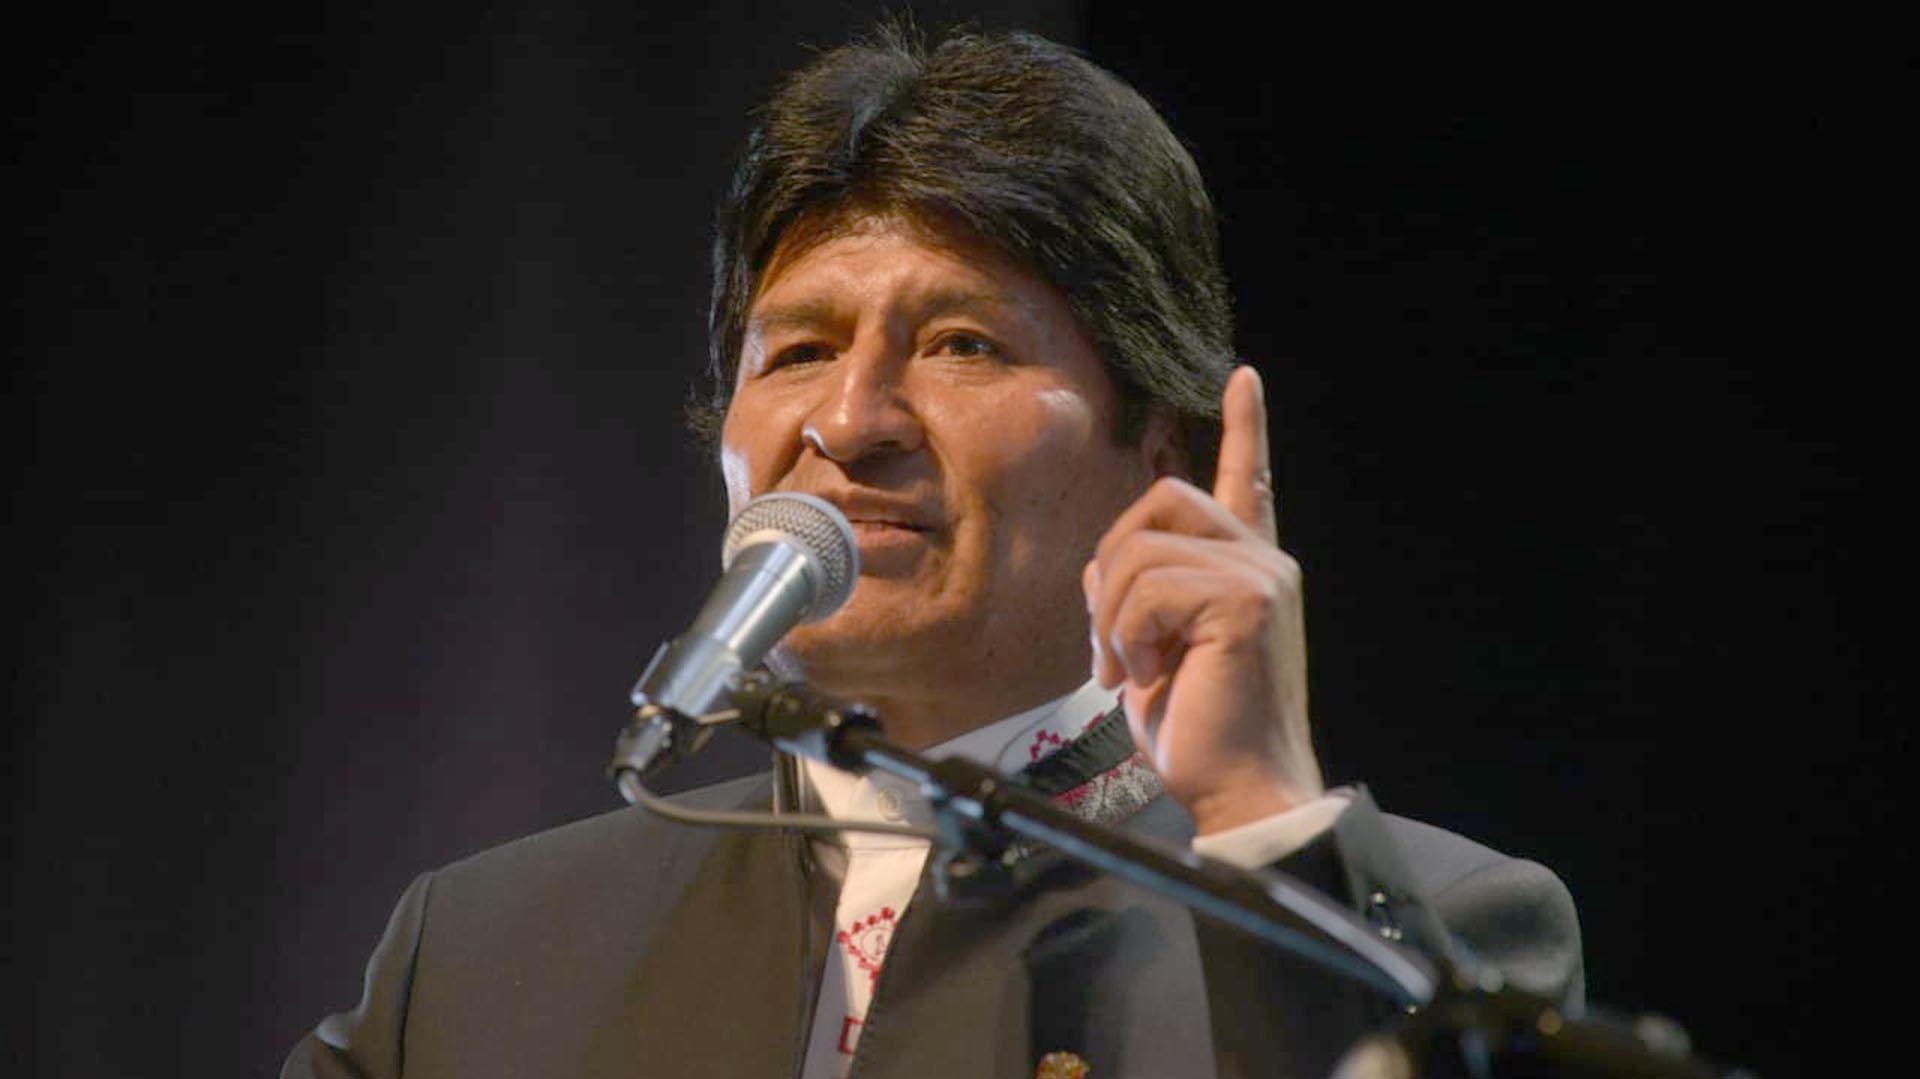 Evo Morales dio su discurso, en un acto colmado de dirigentes del kirchnerismo y militantes del FPV